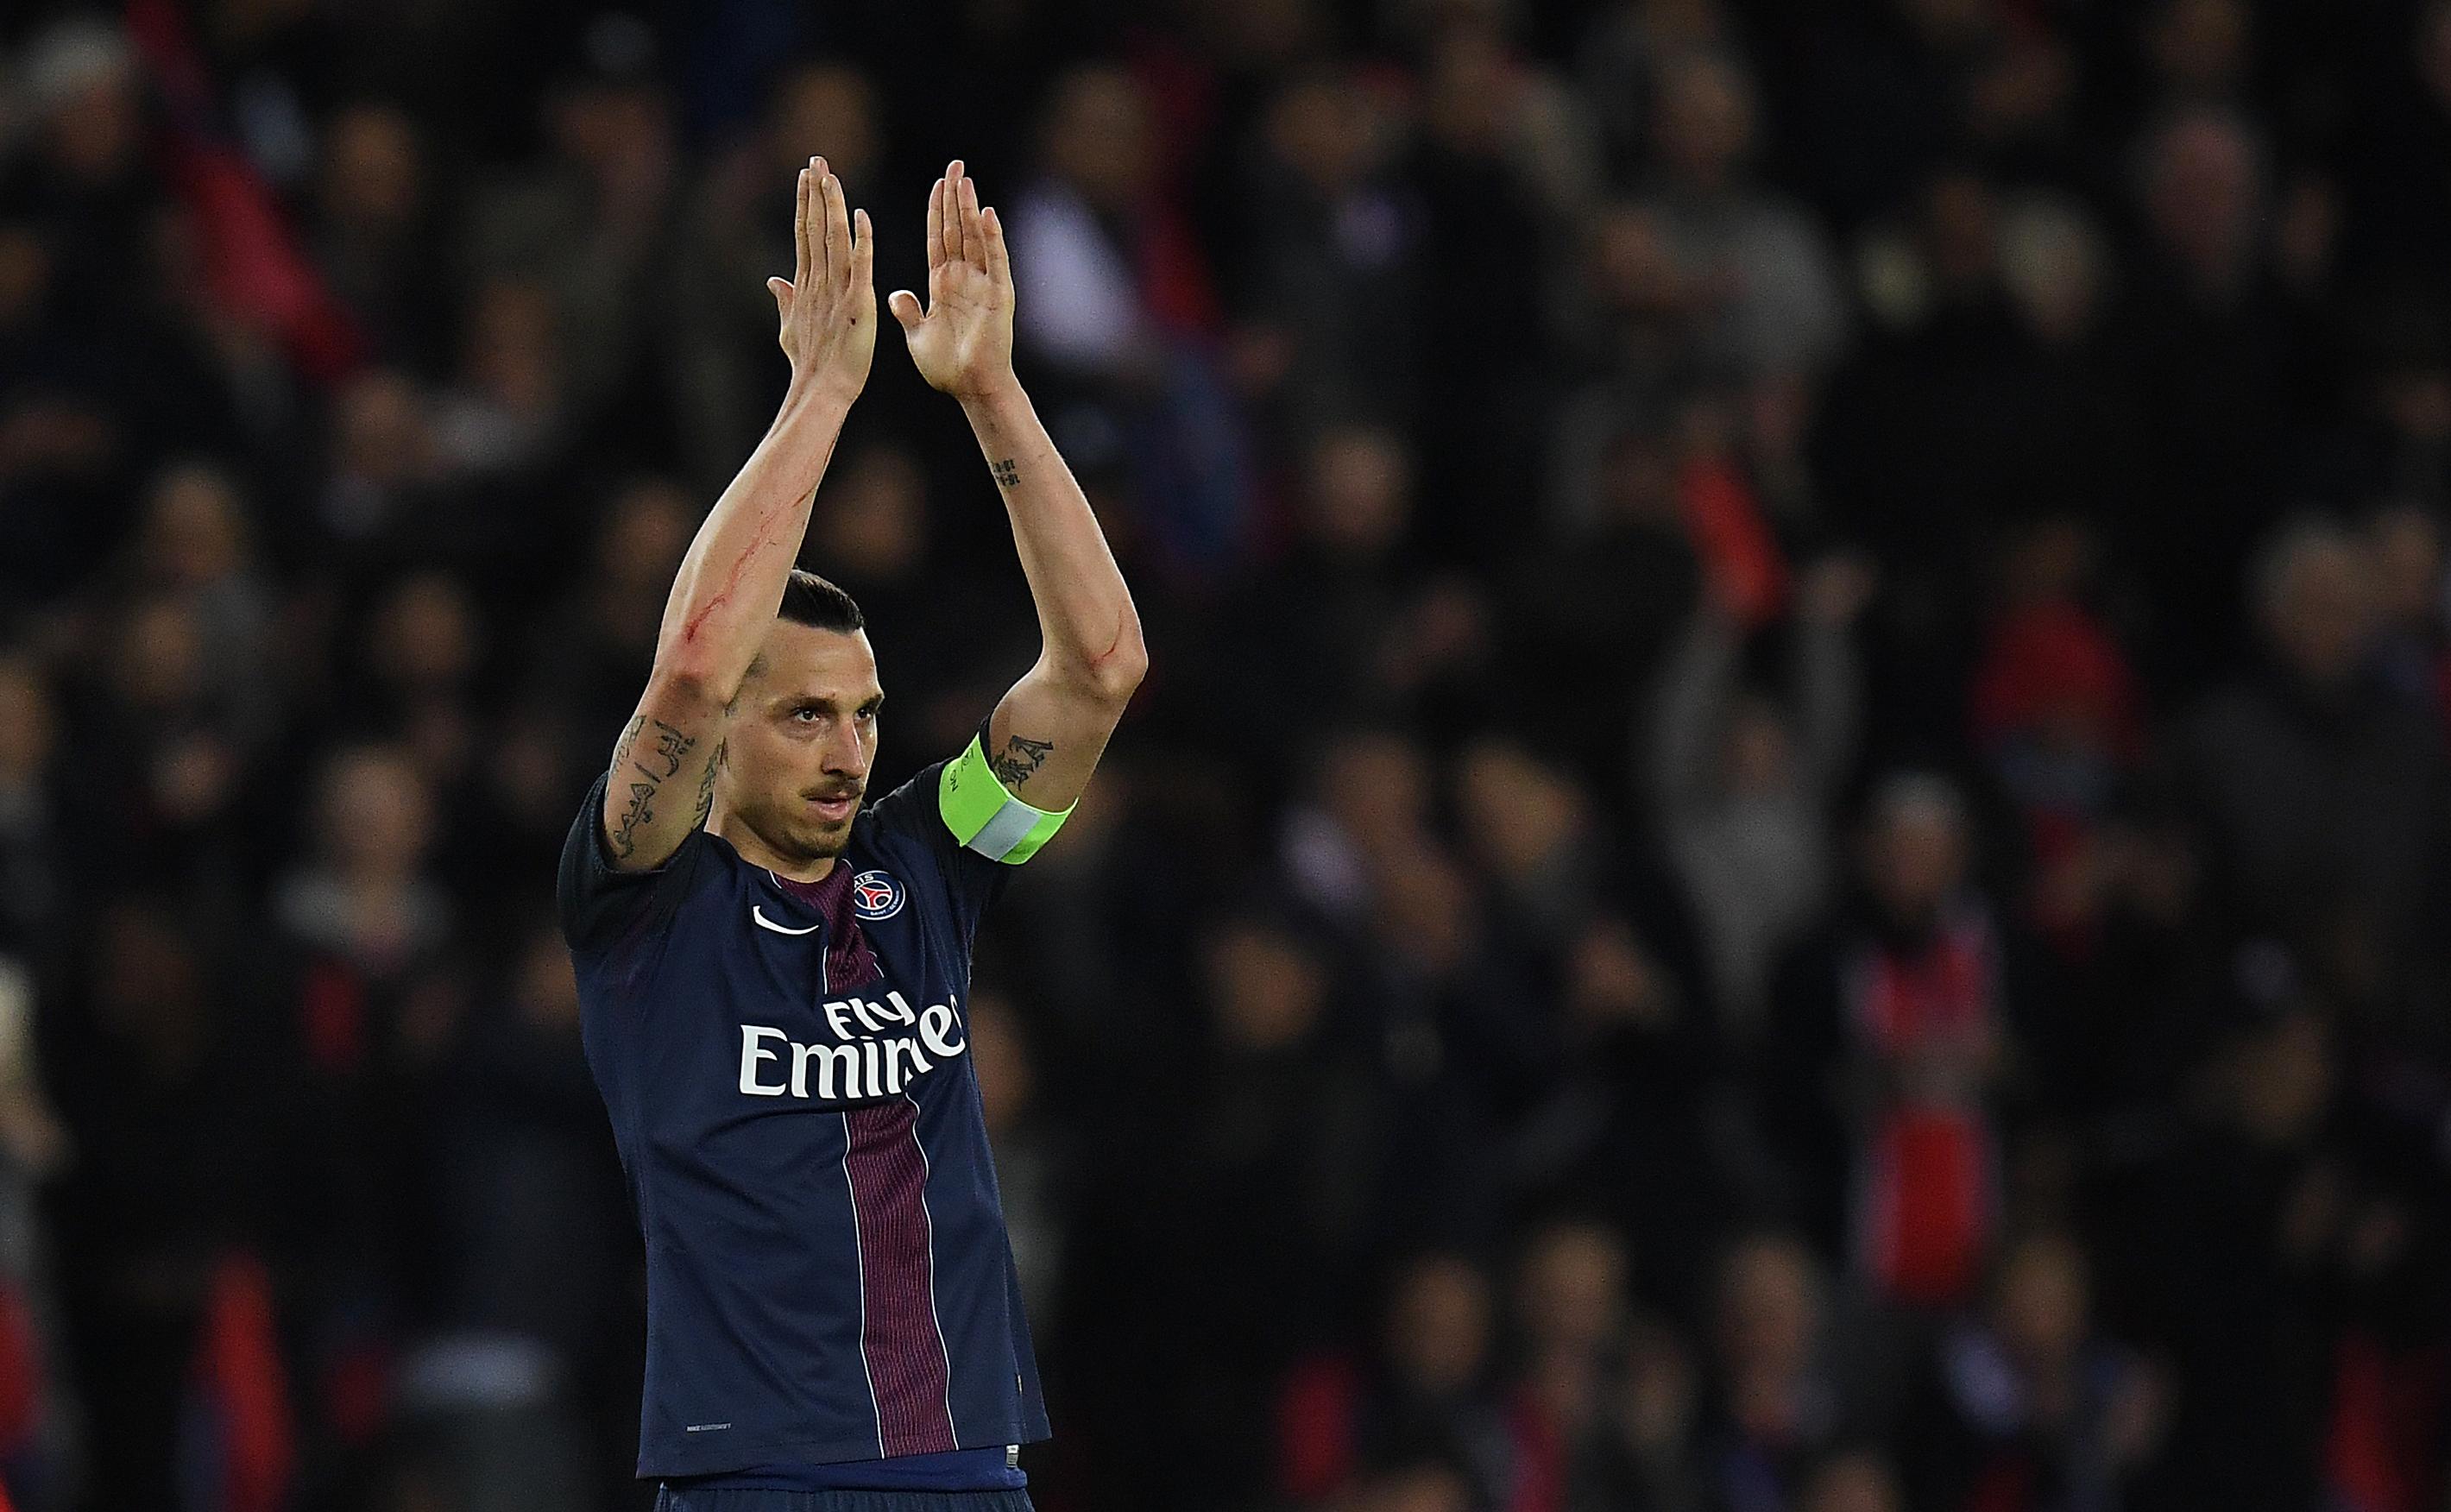 Le nouveau club d'Ibrahimovic déjà connu ?